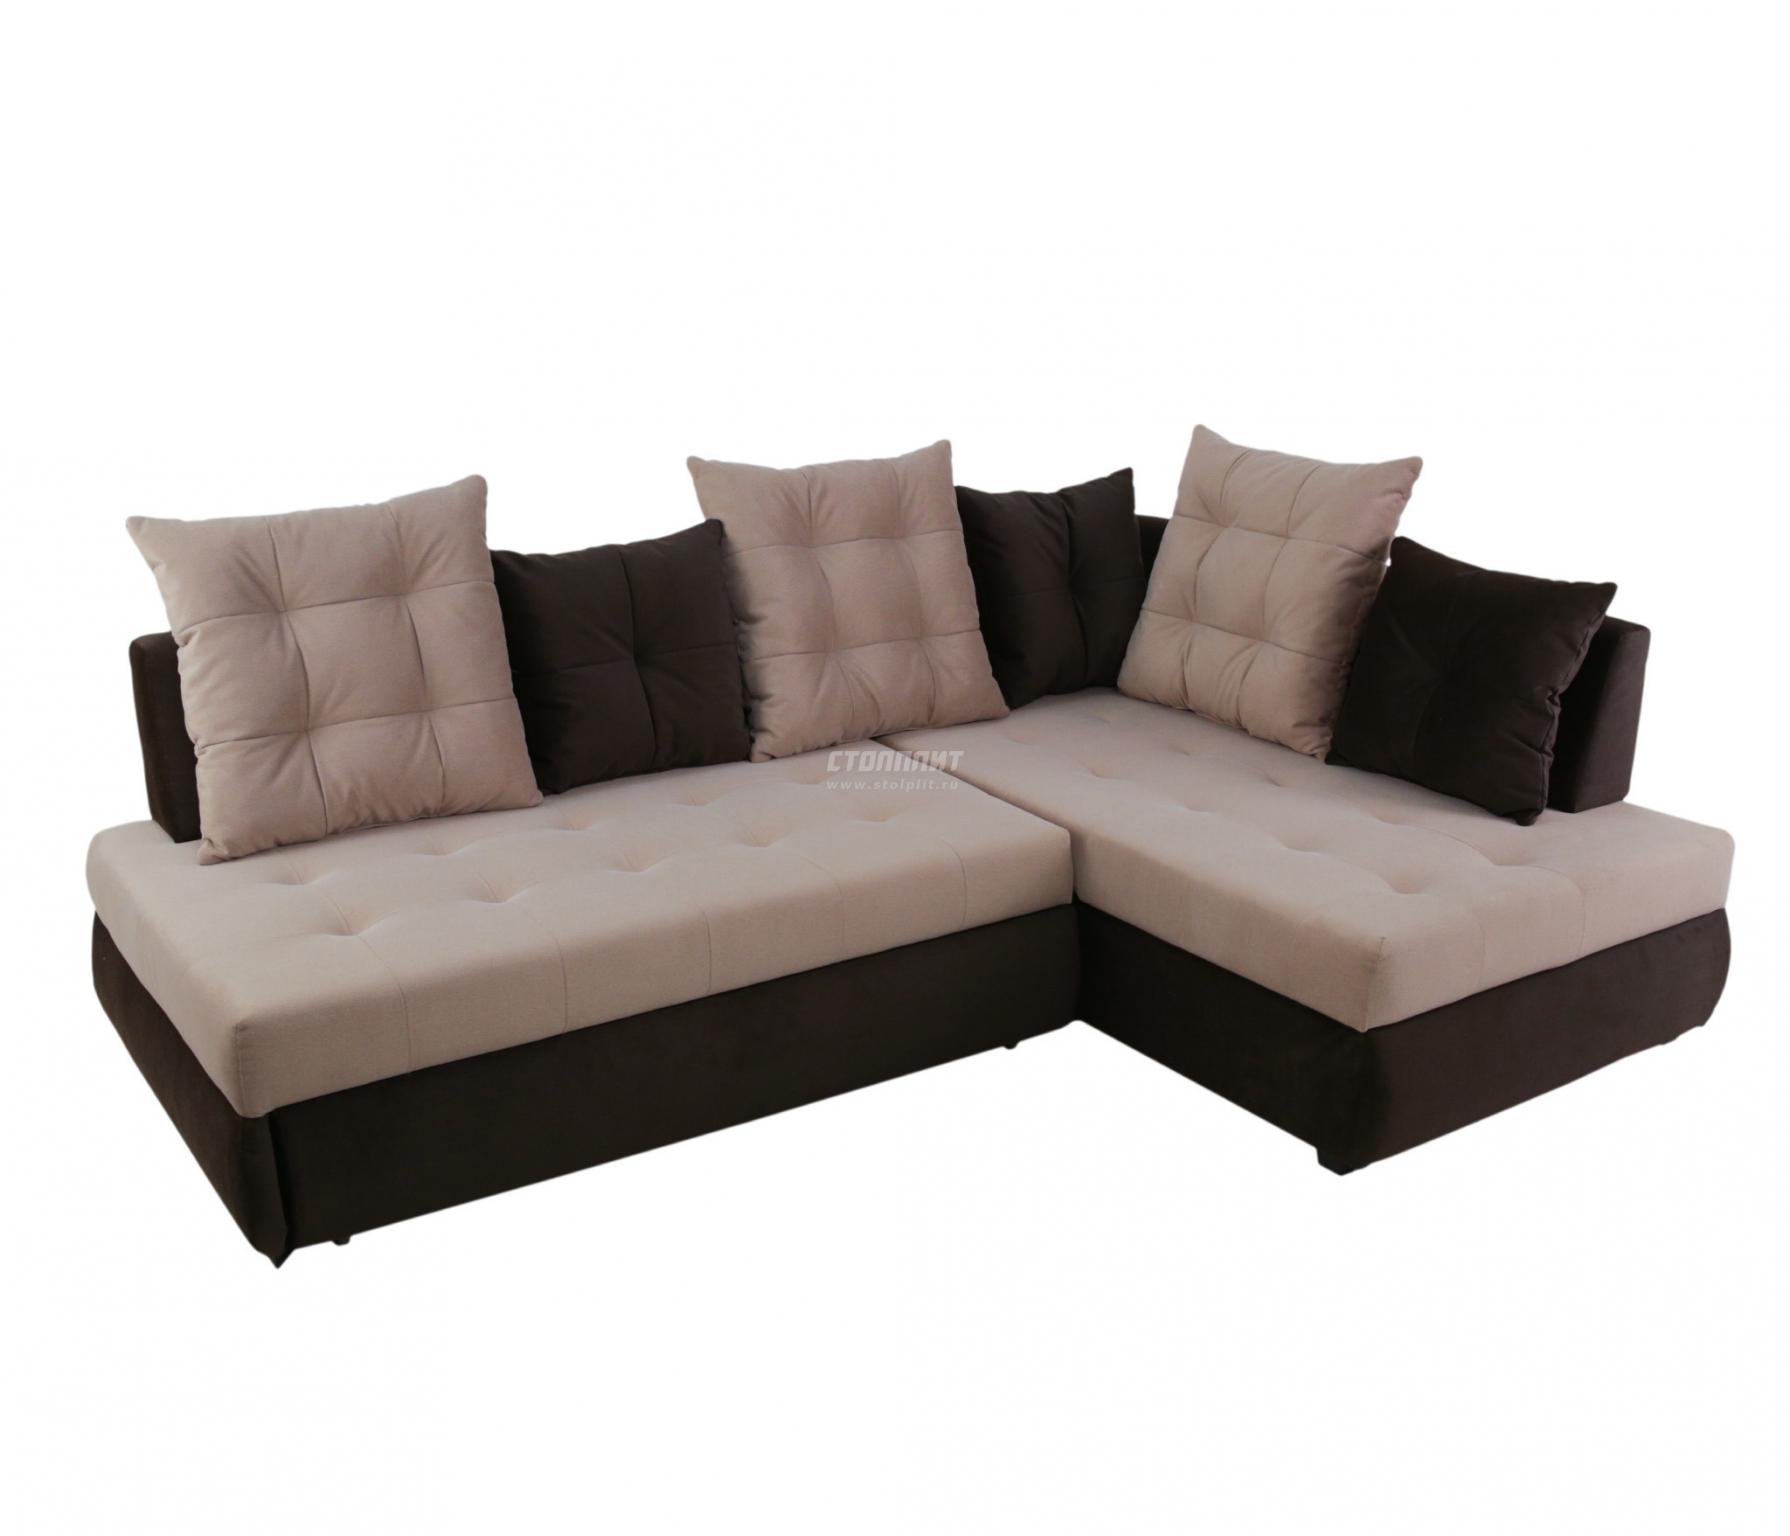 Угловой диван дубай правый купить купить дом в иматре